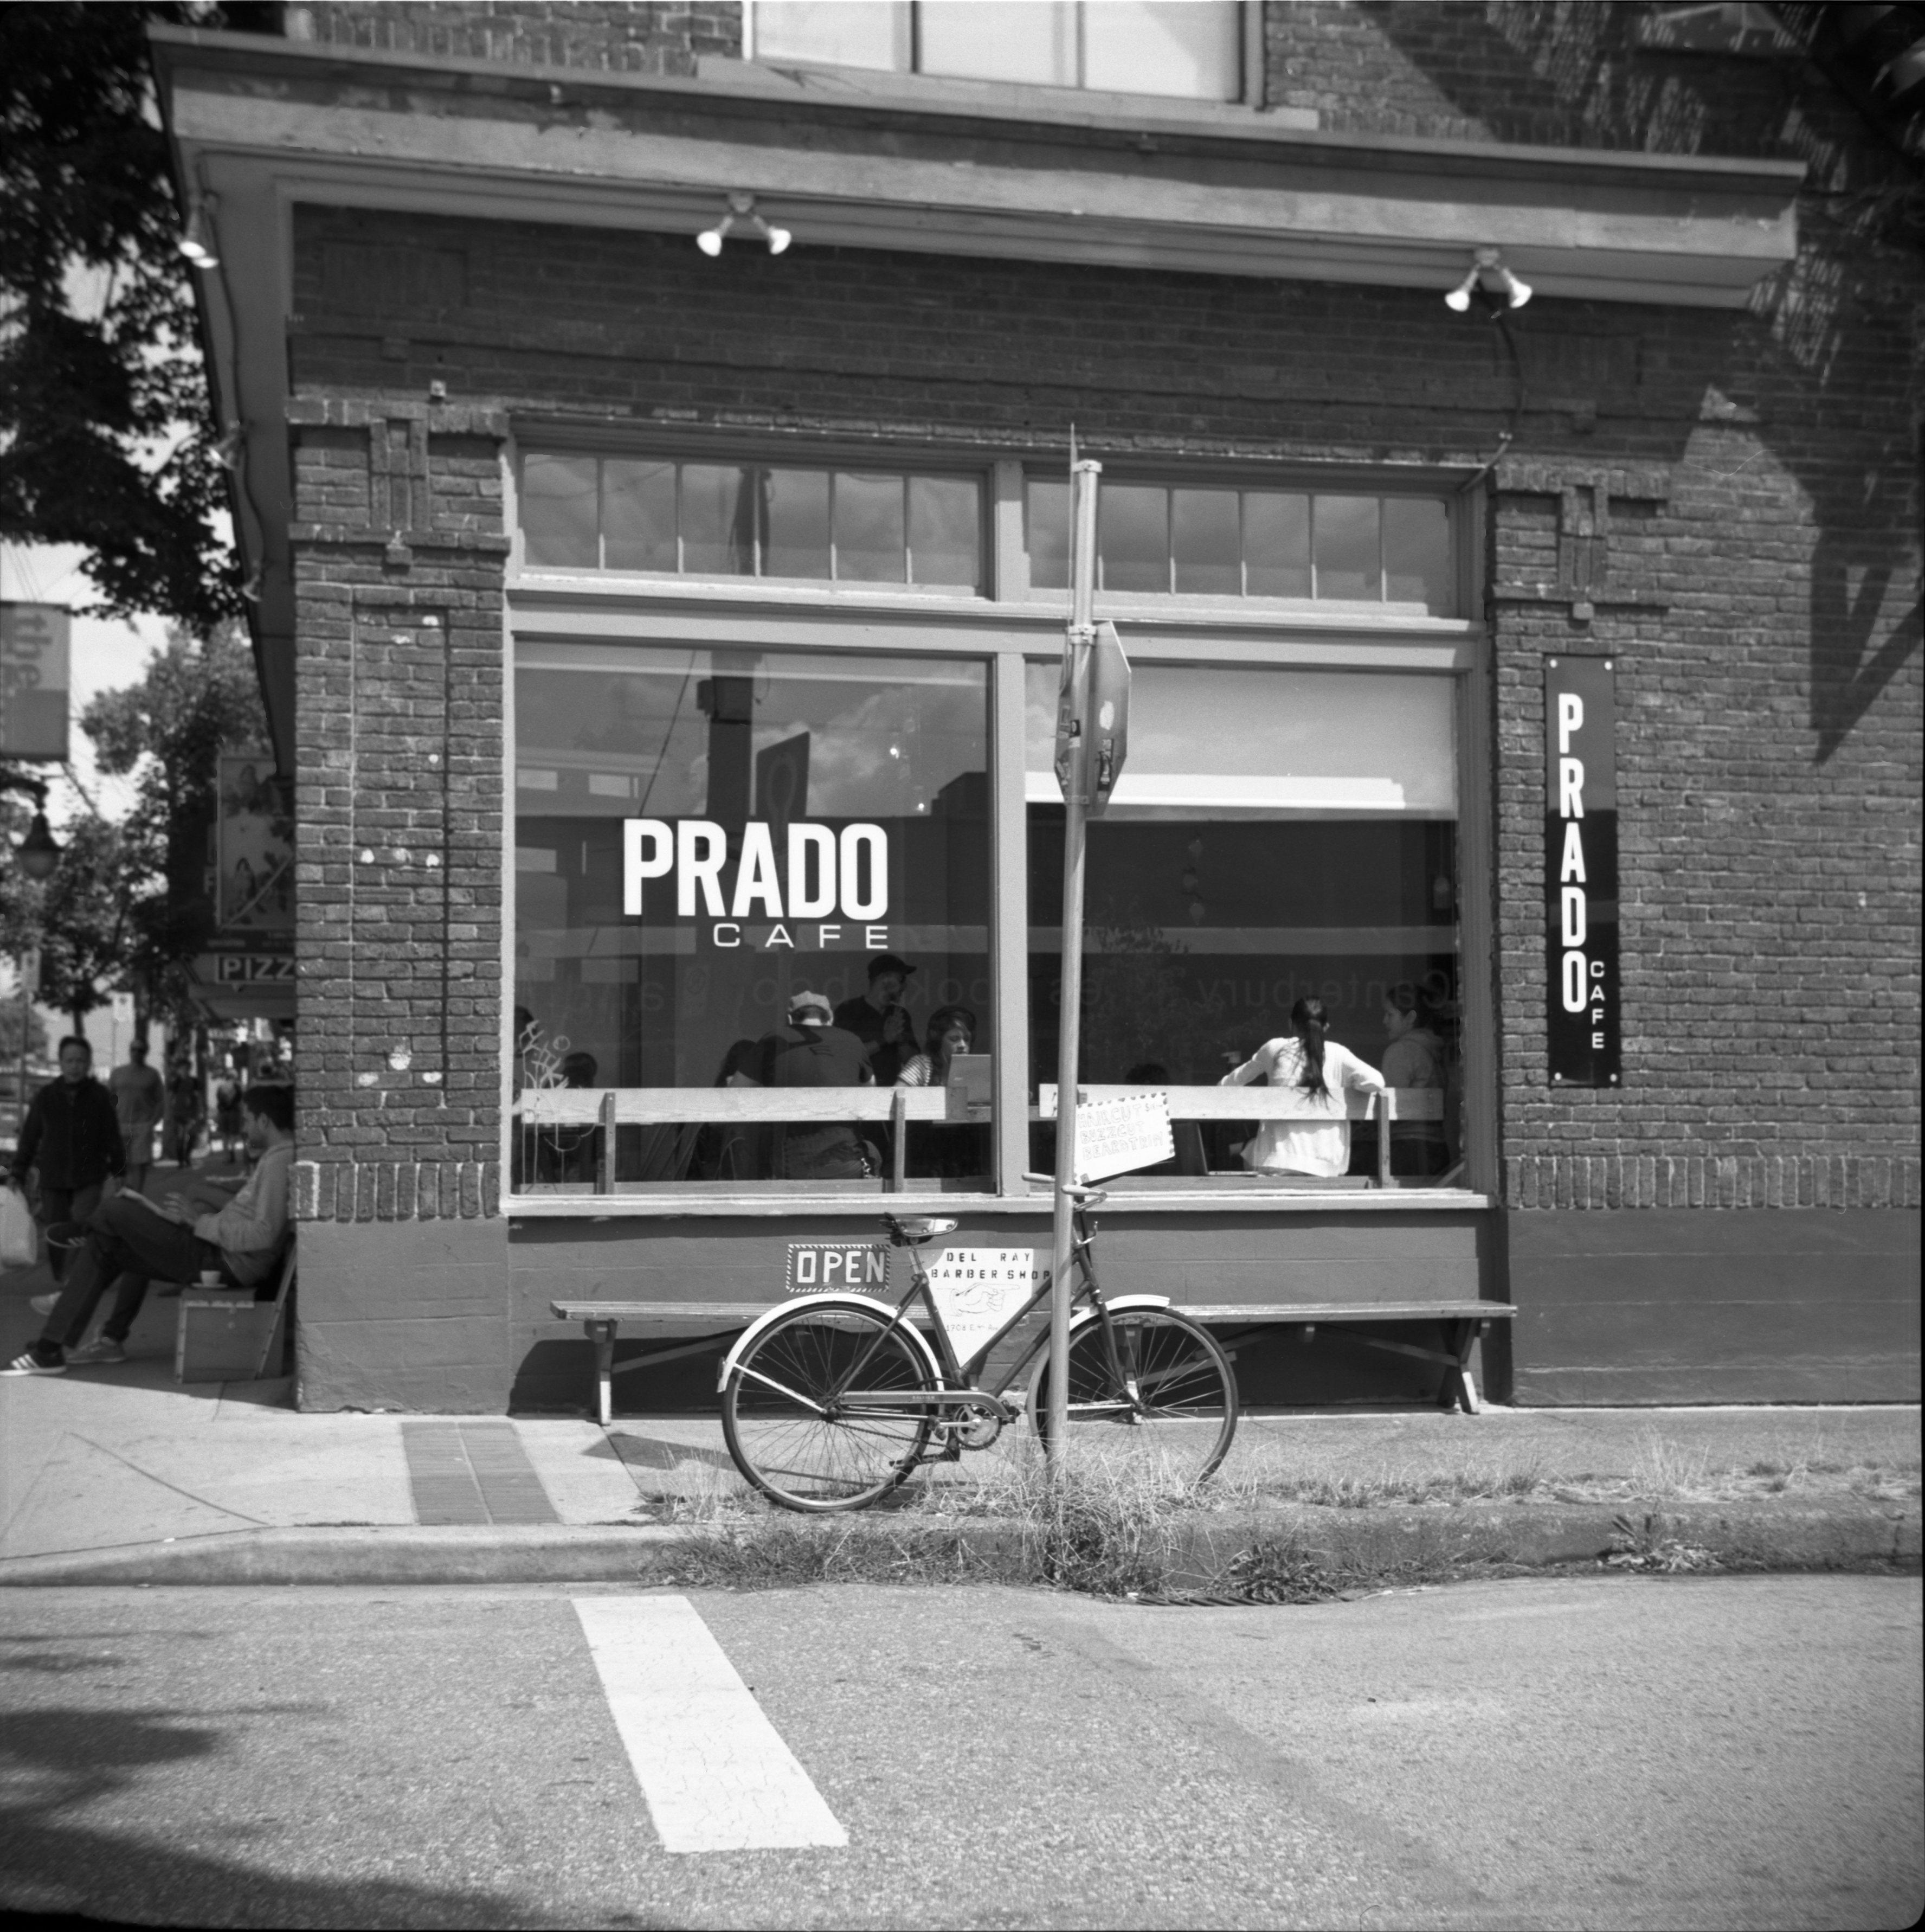 Gambar Kedai Kopi Hitam Putih Gambar Hitam Dan Putih Jalan Sepeda Satu Warna Infrastruktur